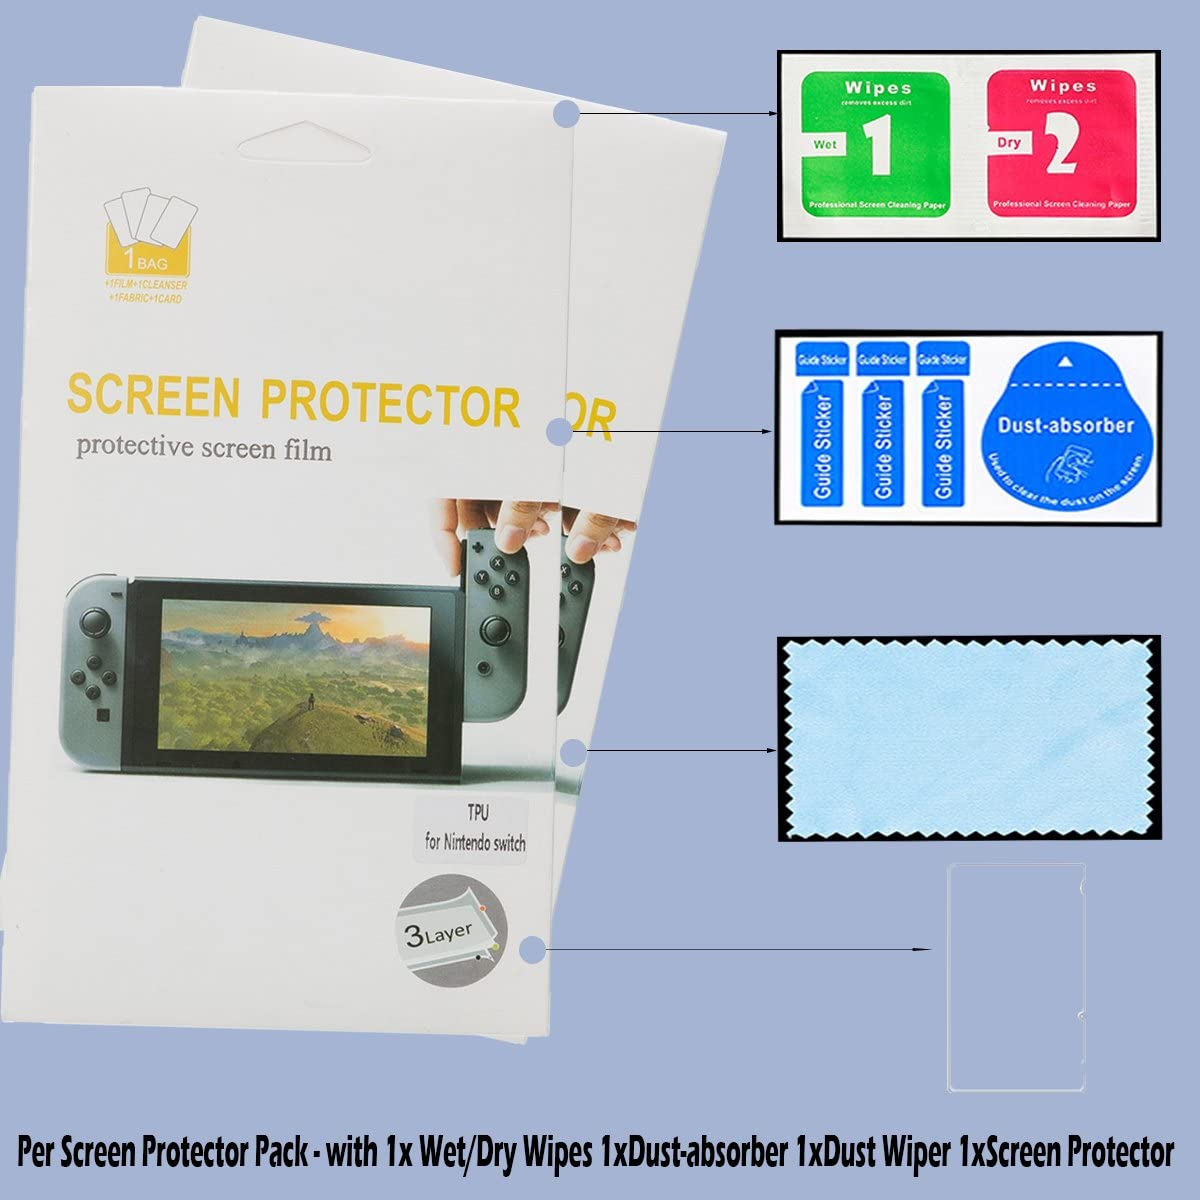 Wemk Nintendo Switch Pack Completo de protección incluye : 1 Estuche/Funda de color Negro con muñeca, 1 Juego de Protección en Silicono para Joy Con, 2 Cajas para Cartuchos de Juegos, 2